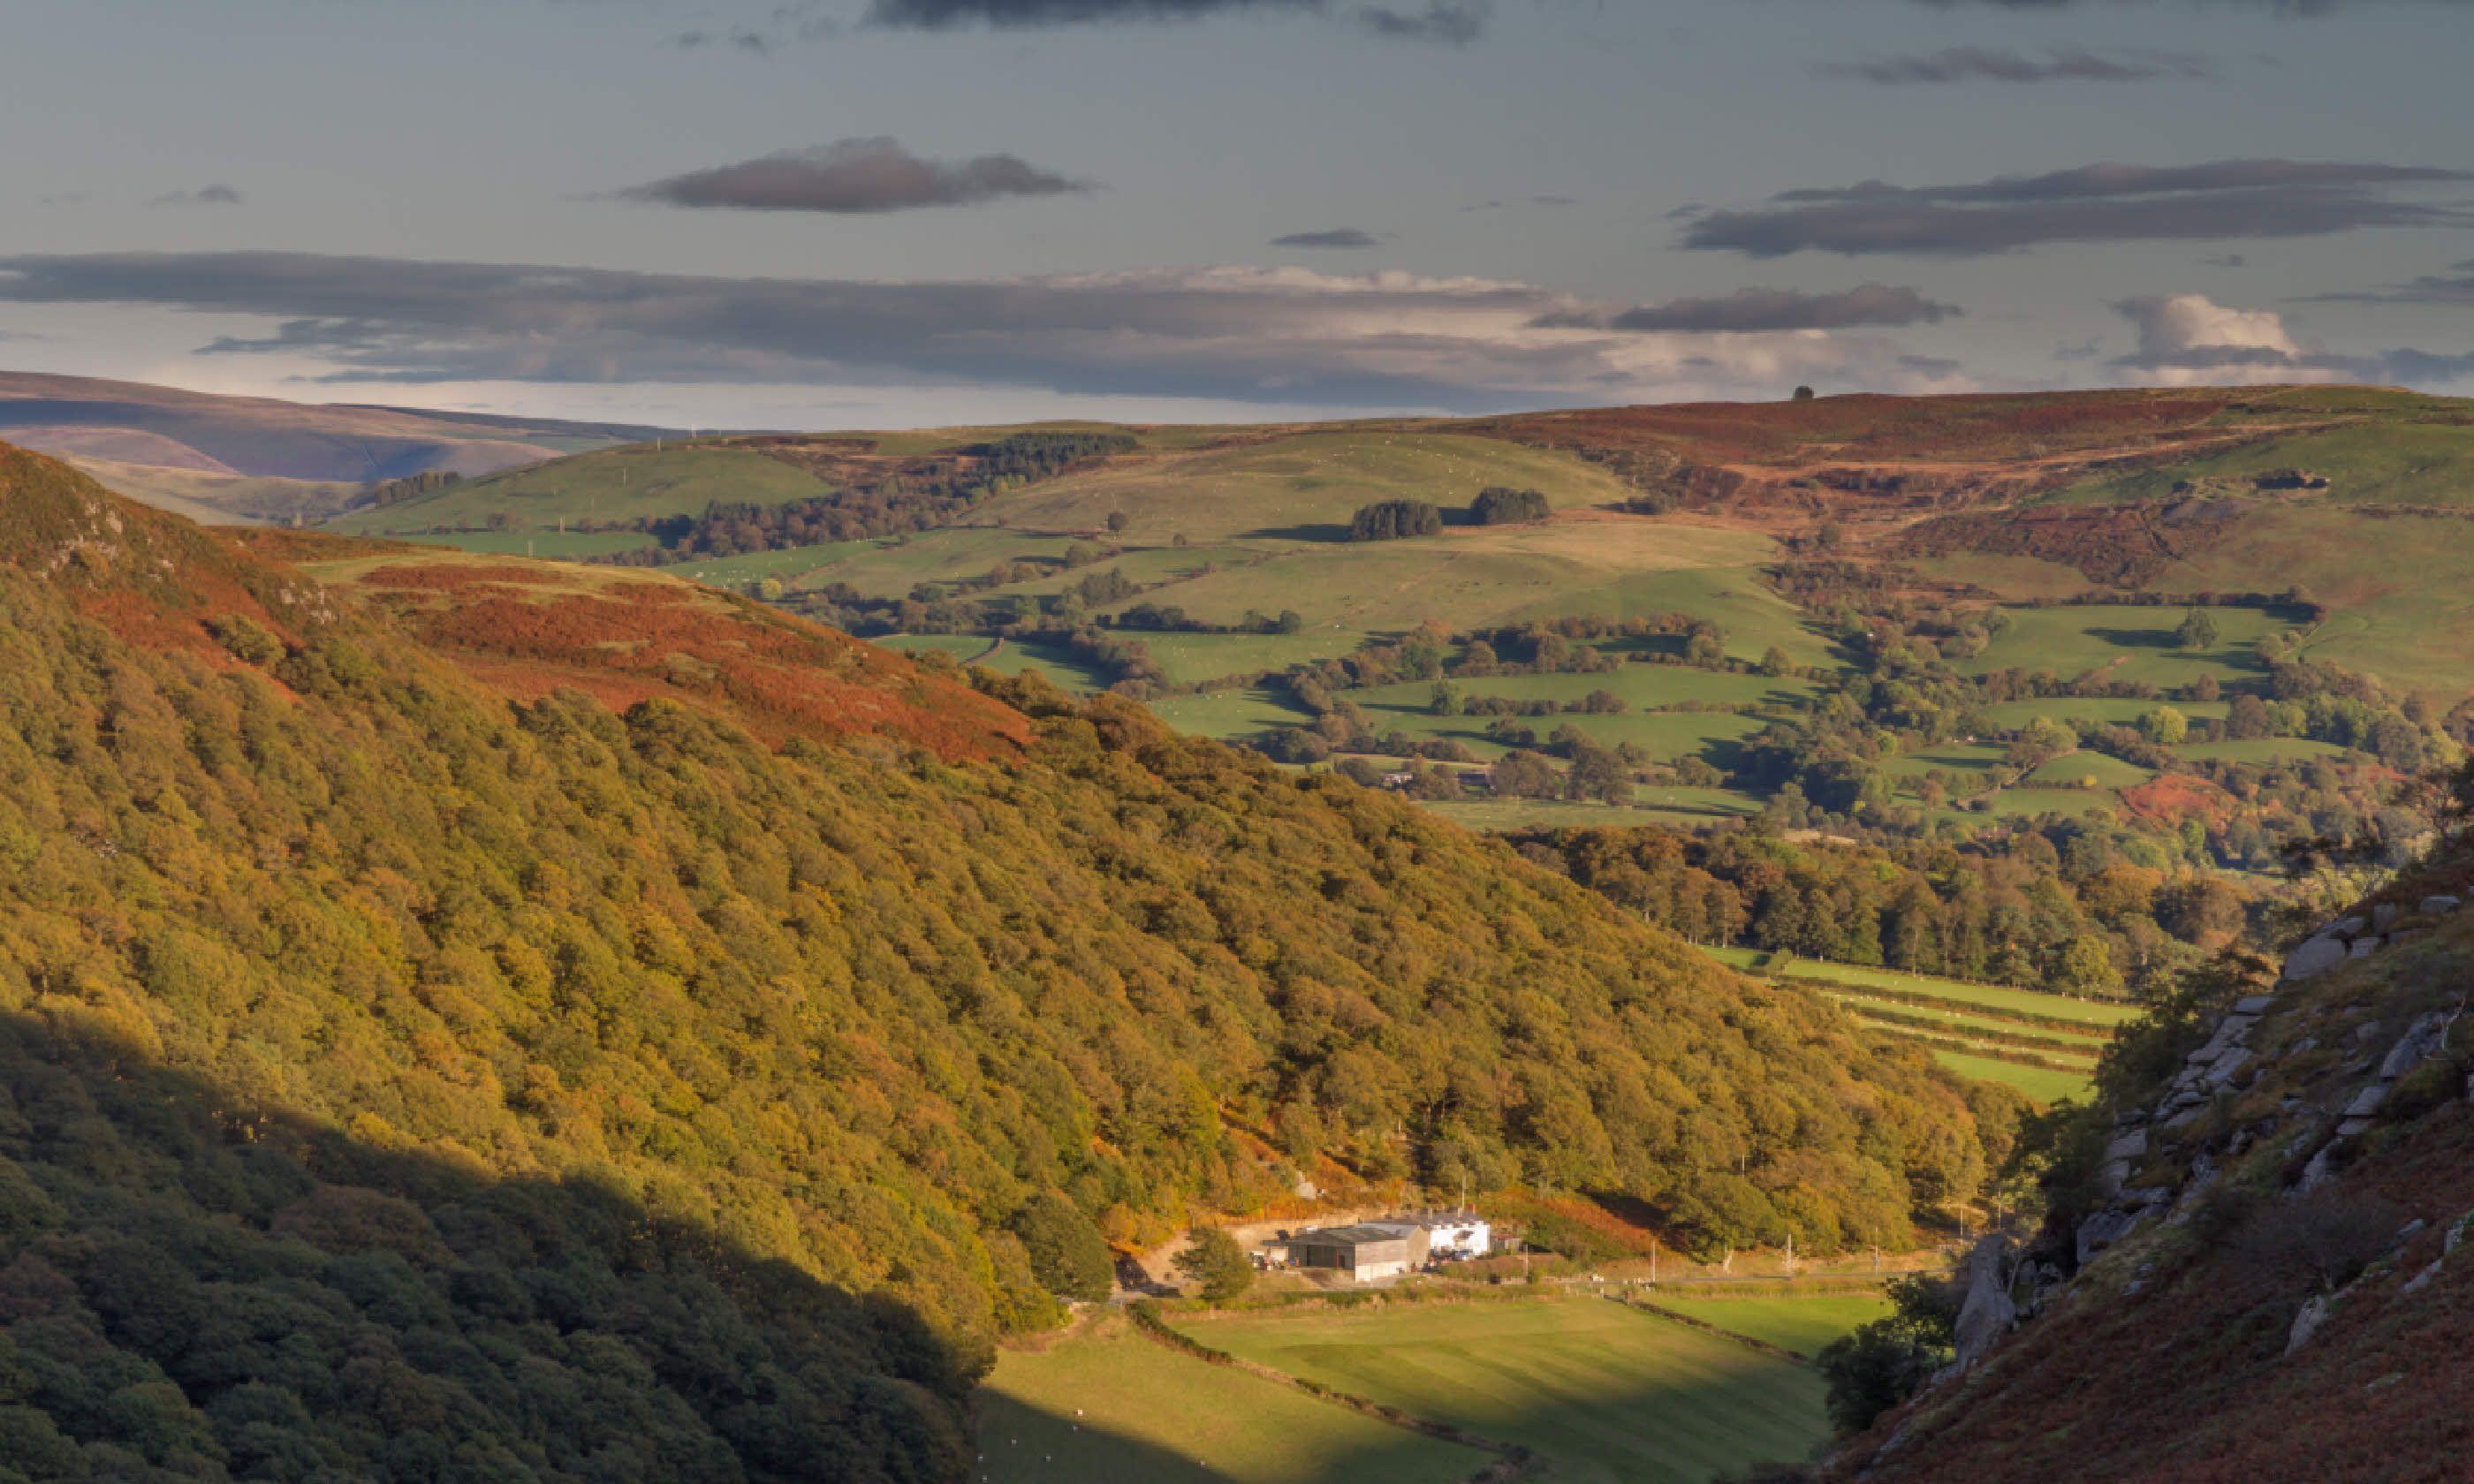 Autumn in Elan Valley, Powys (Shutterstock)